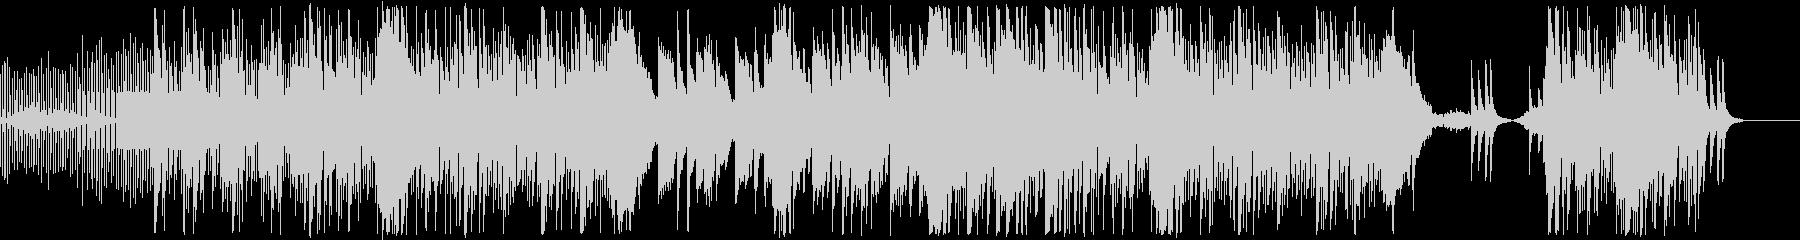 エレガントなピアノ&EDM風BGMの未再生の波形